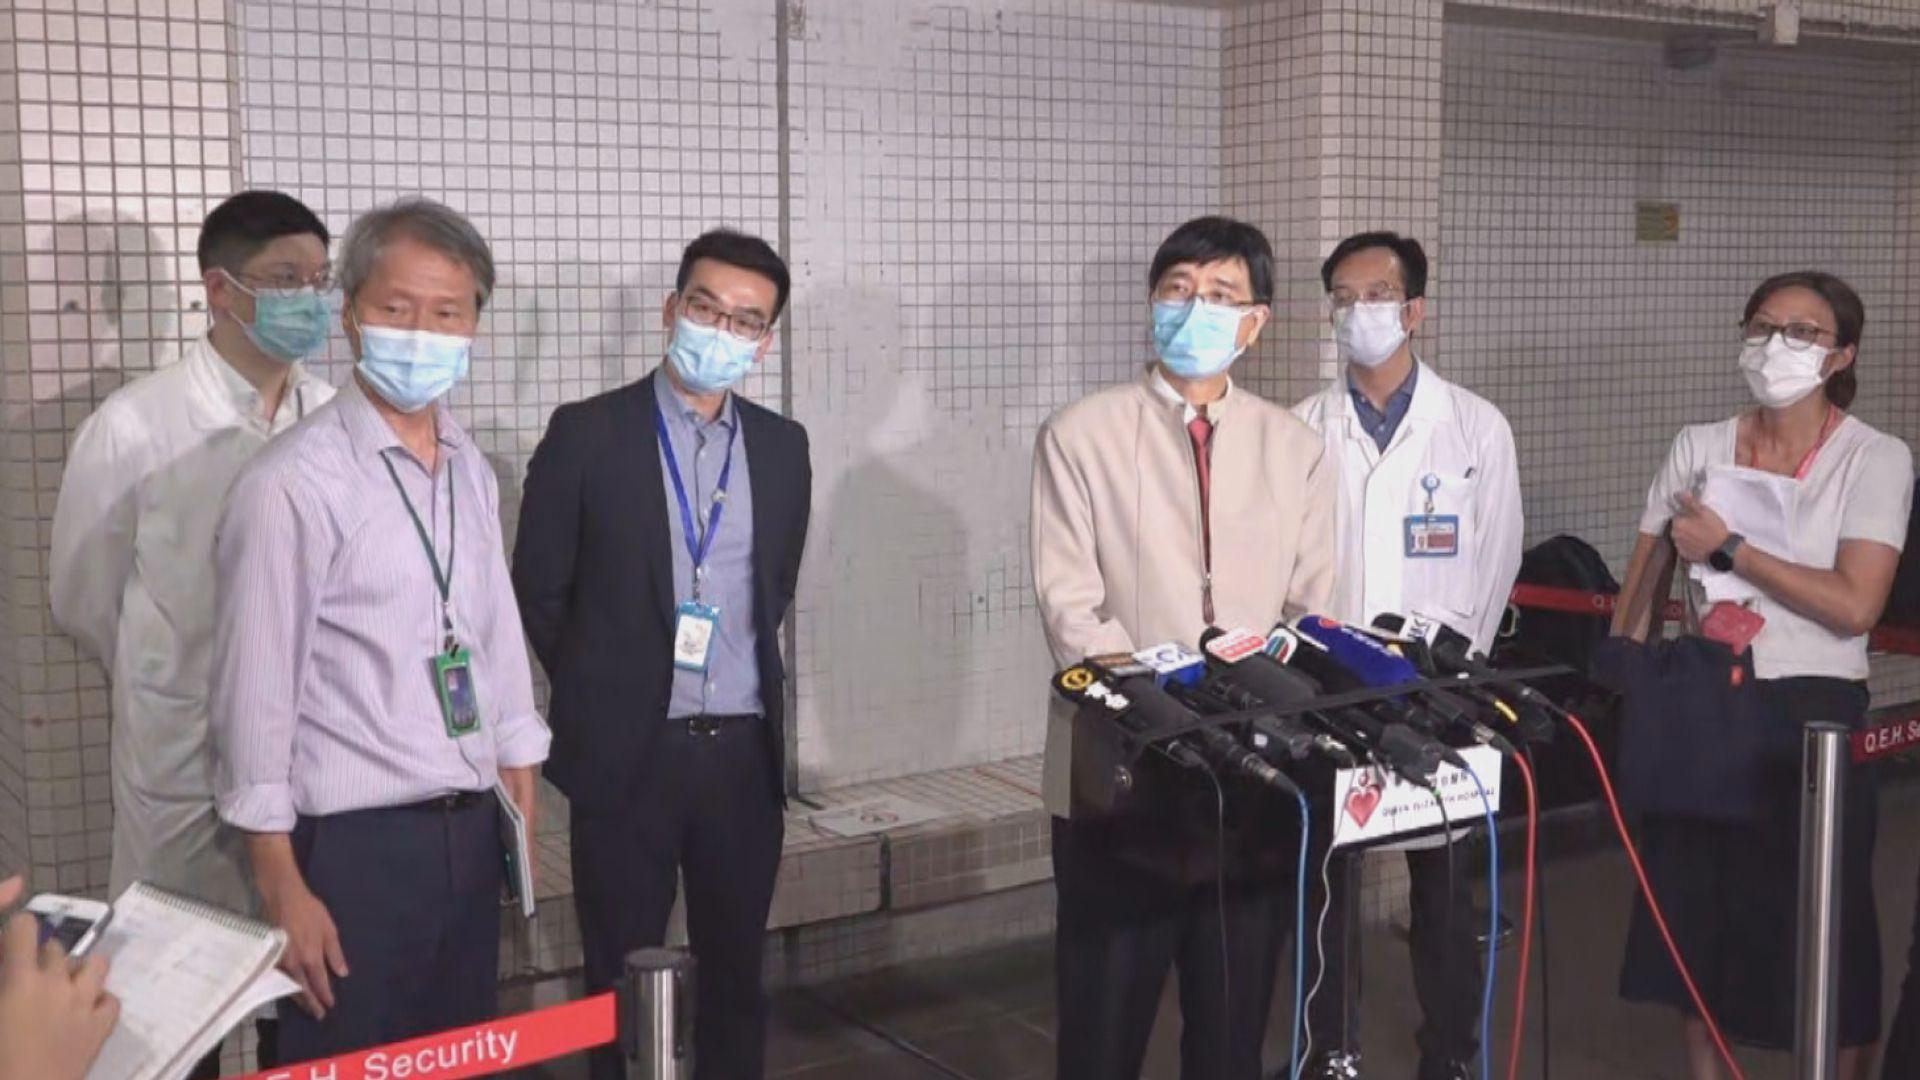 袁國勇建議長者入院要進行新冠病毒測試